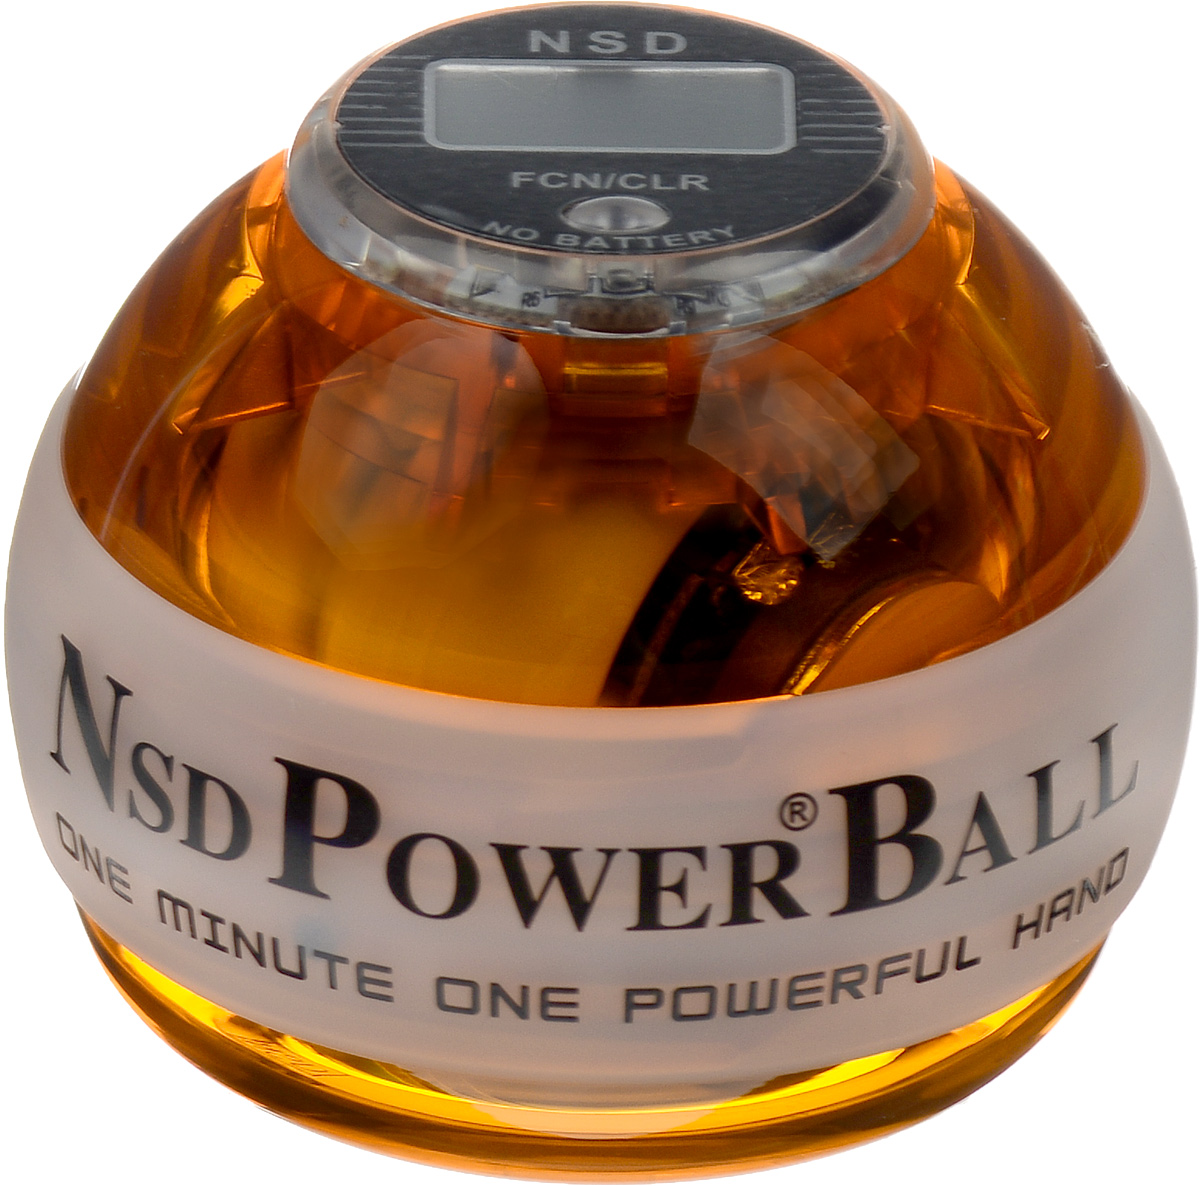 Тренажер кистевой NSD Power Powerball Neon Pro, цвет: оранжевыйPB-688LC AmberКистевой тренажер NSD Power Powerball Neon Pro - новая модель c счетчиком и подсветкой. Тренажер изготовлен из более прочного материала с системой защиты ротора, предотвращающей его повреждение при падении шара на твердую поверхность. Он будет служить вам очень долгое время.Также в эту модель внедрена система сменных колец для быстрого ремонта при повреждении. Новый счетчик со встроенным генератором работает без батареек. Прекрасно отрегулированный ротор тренажера с отличным балансом может достигать скорости вращения до 15000 оборотов в минуту.В комплект входят инструкция по использованию и два шнурка для раскрутки. Стильный тренажер для кисти рук, который можно использовать в любую свободную минуту. Упражнения, проделываемые регулярно, обеспечат отличную тренировку рук, разработку кисти после травмы у спортсменов и не только.Размер тренажера: 7 х 8 см.